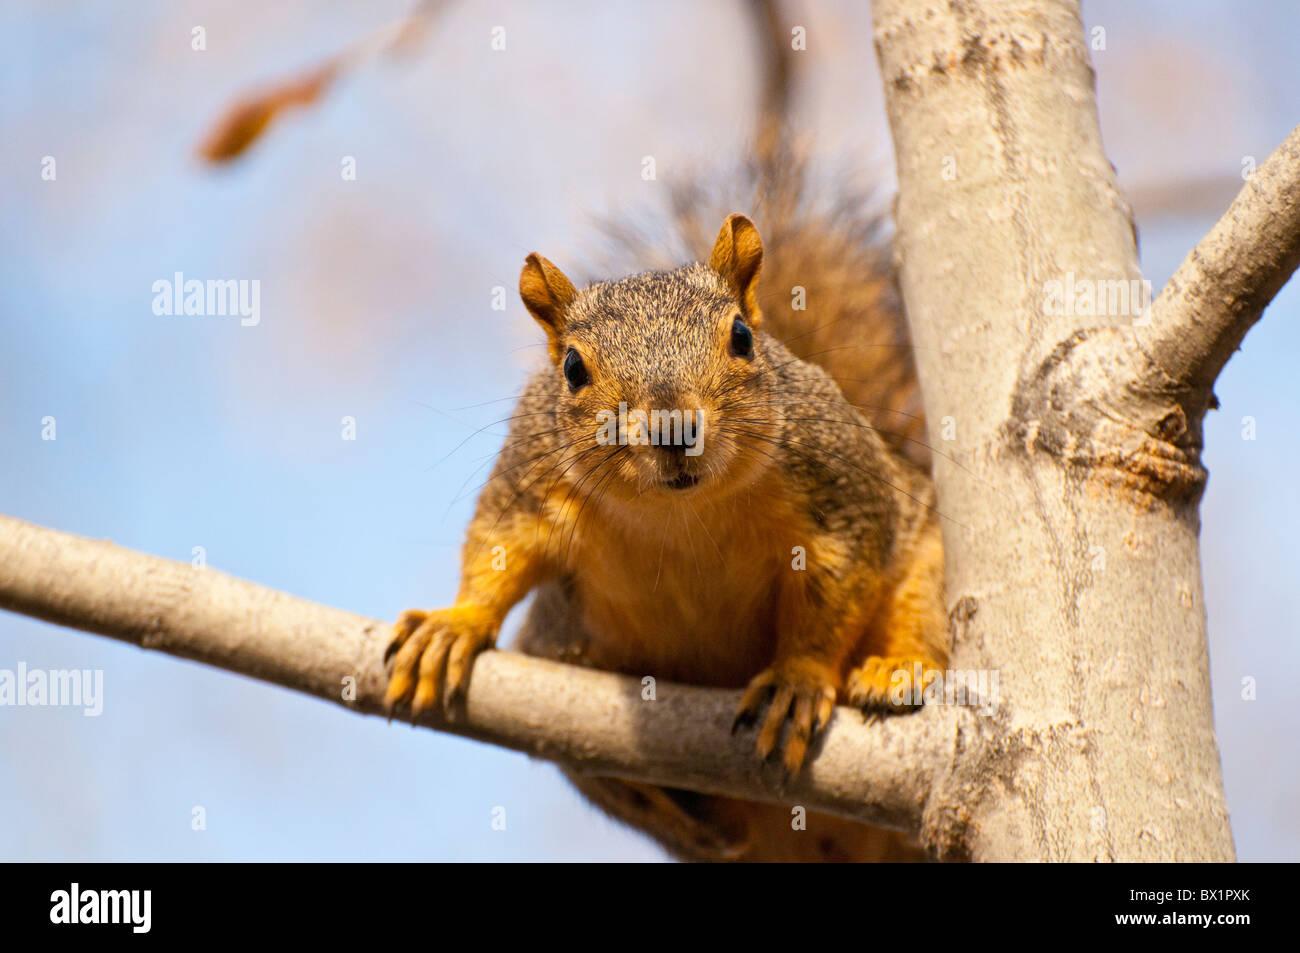 USA, Boise, Idaho, Tierwelt, Brown Eichhörnchen im Baum am Fluss Boise Greenbelt. Stockbild